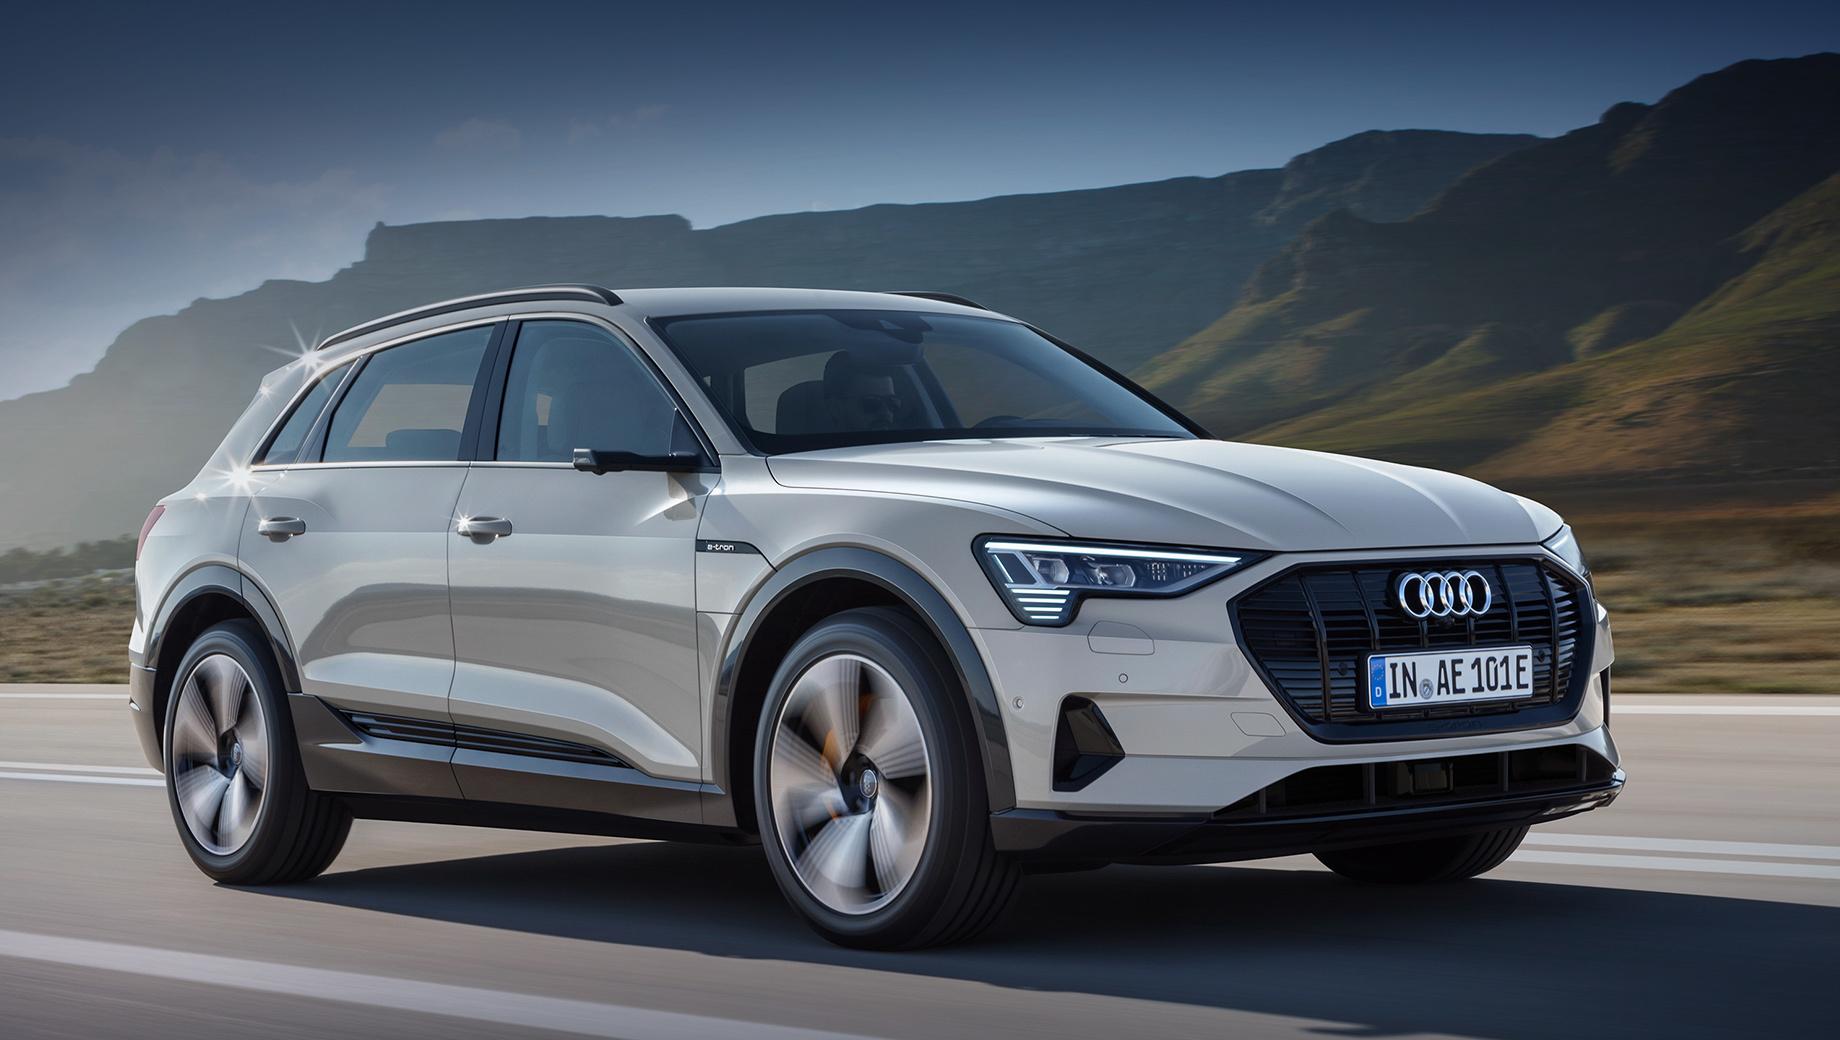 Автомобиль Audi E-tron в движении